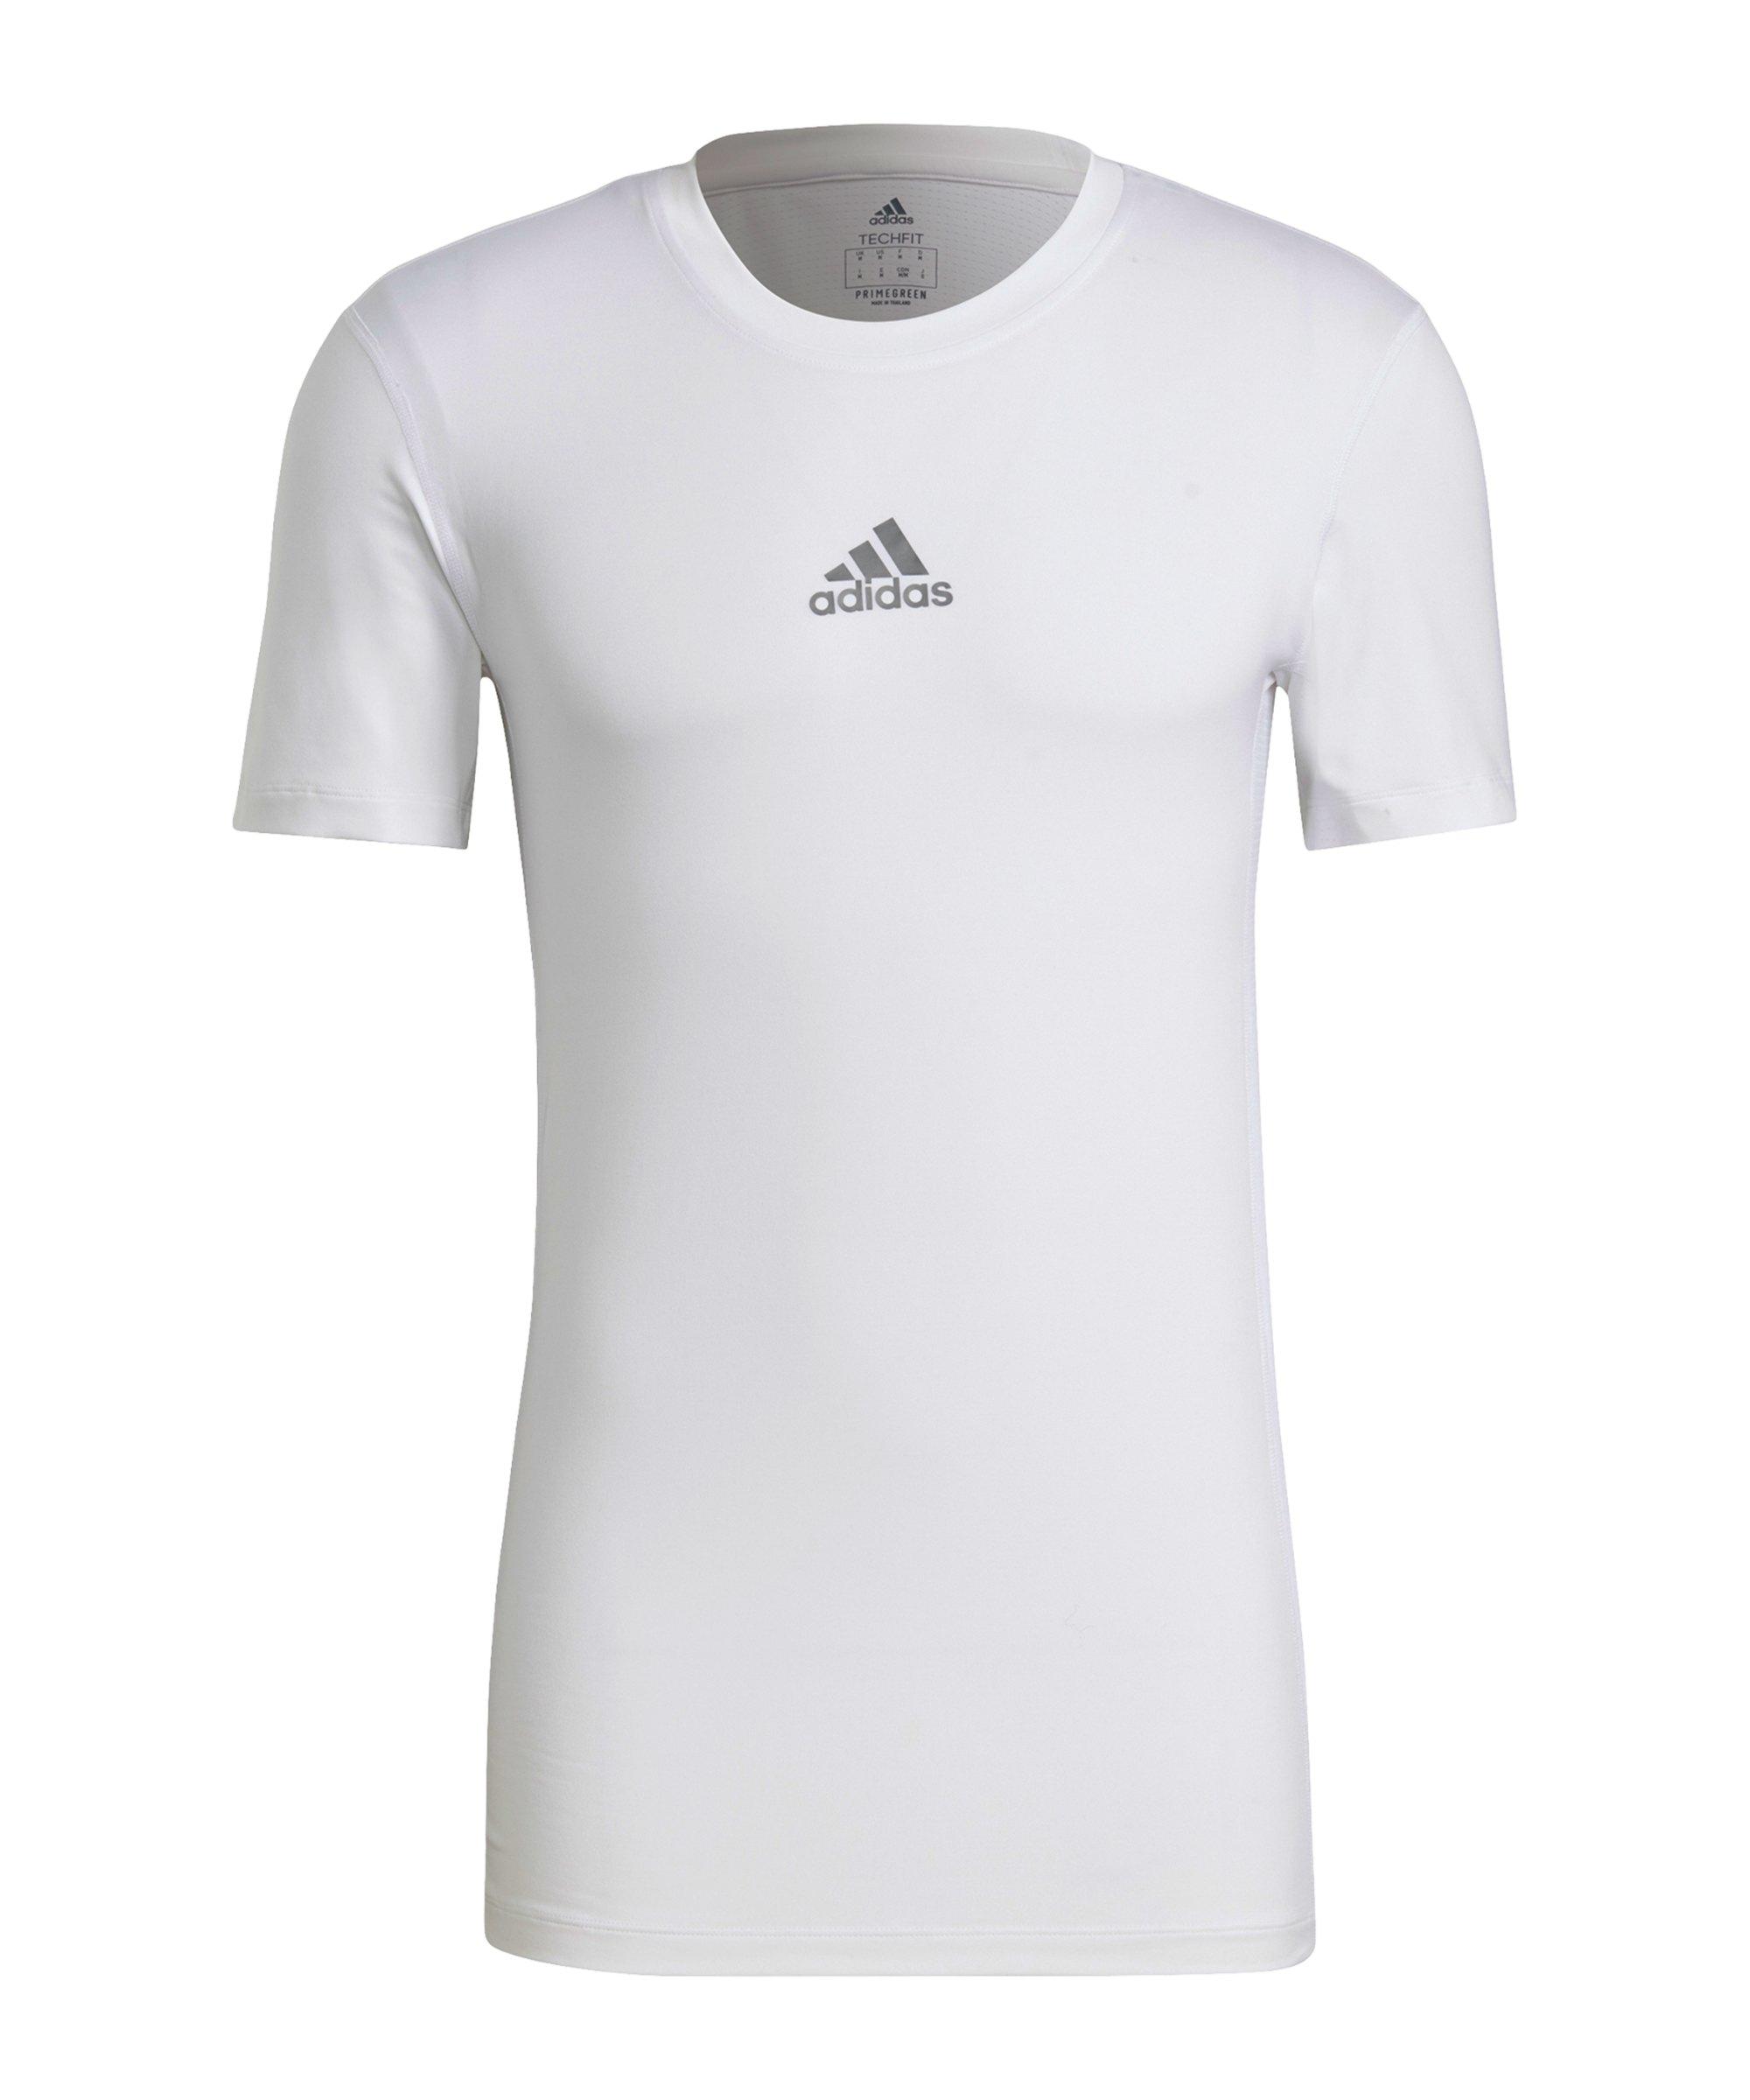 adidas Techfit Shirt kurzarm Weiss - weiss